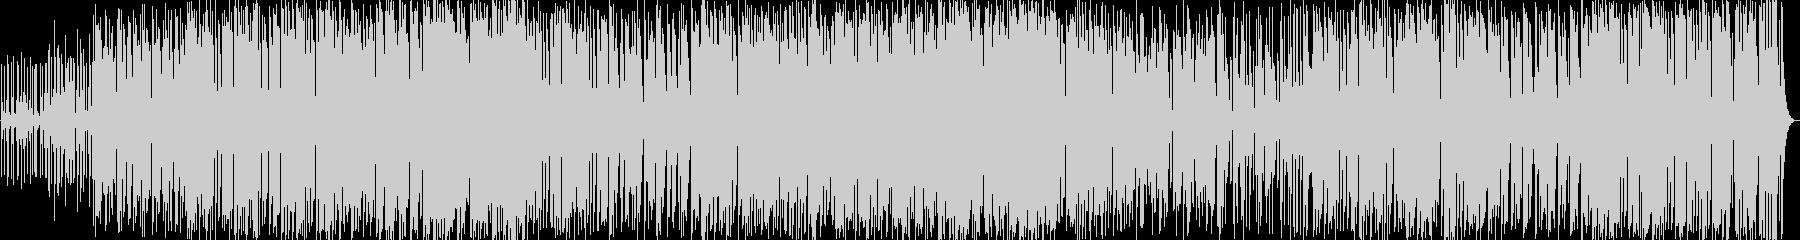 ファンク、の未再生の波形